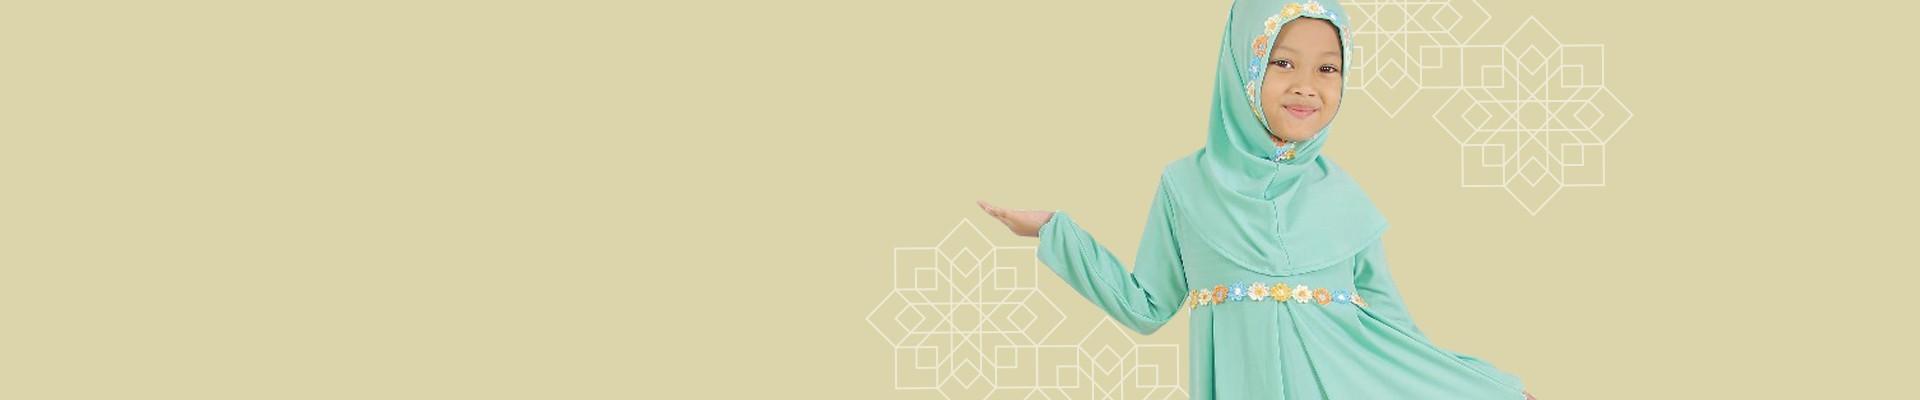 Baju Muslim Anak - Jual Busana Muslim Anak Terbaru